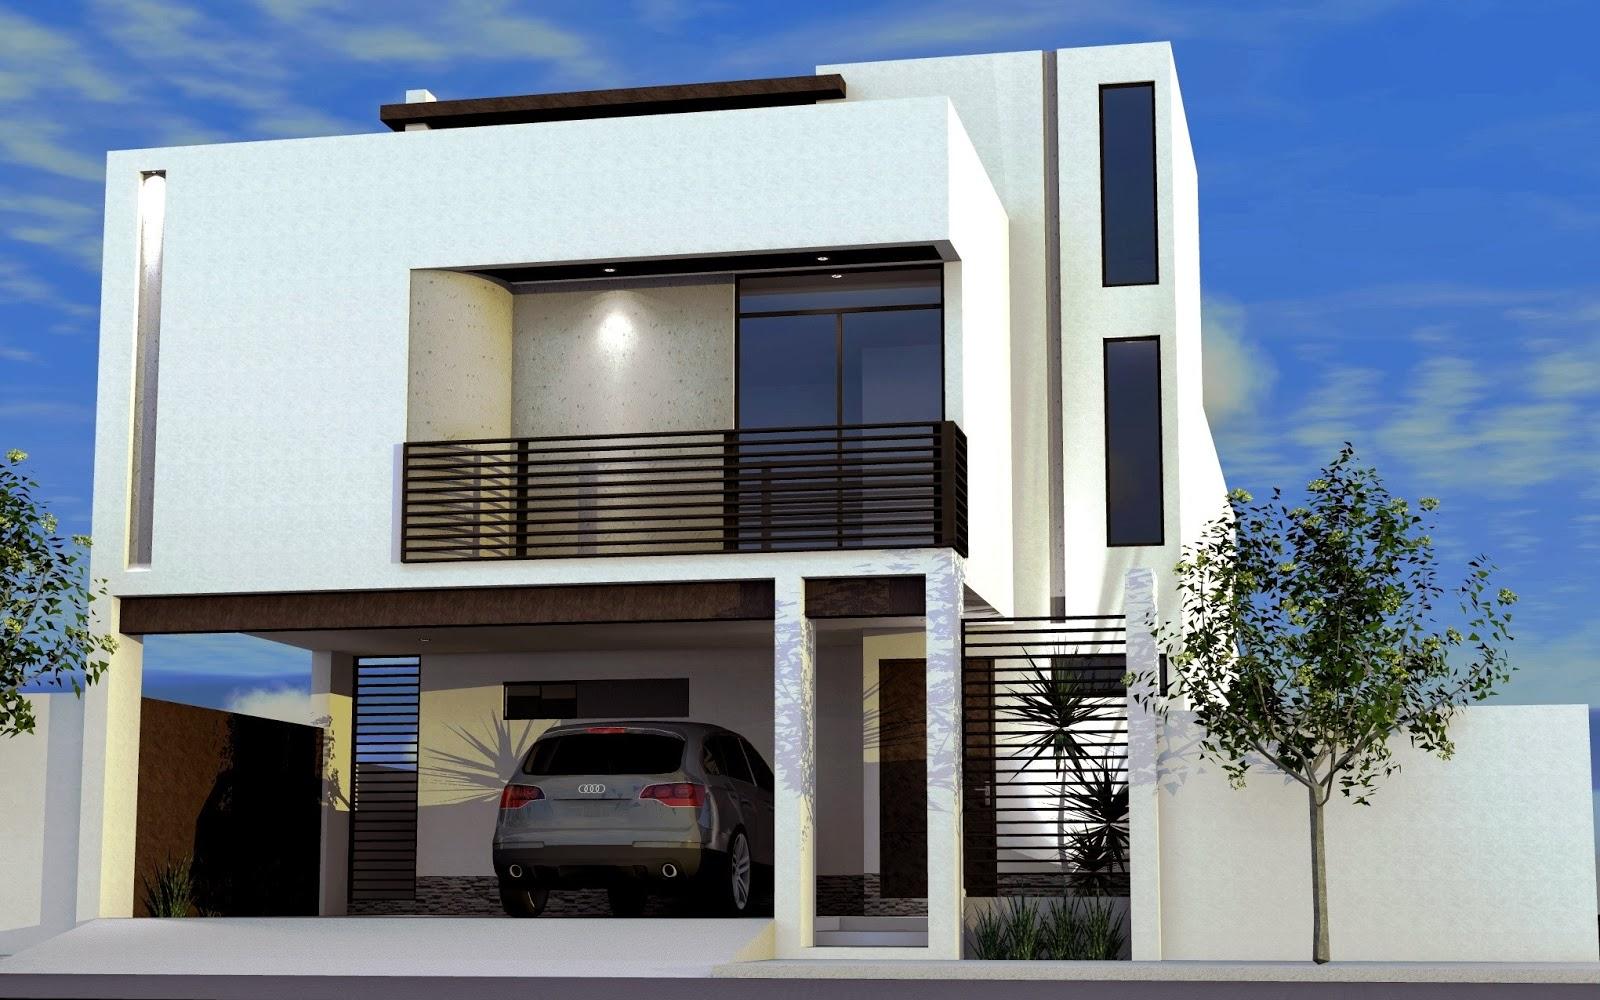 Fachadas de casas modernas diciembre 2013 for Fachadas duplex minimalistas